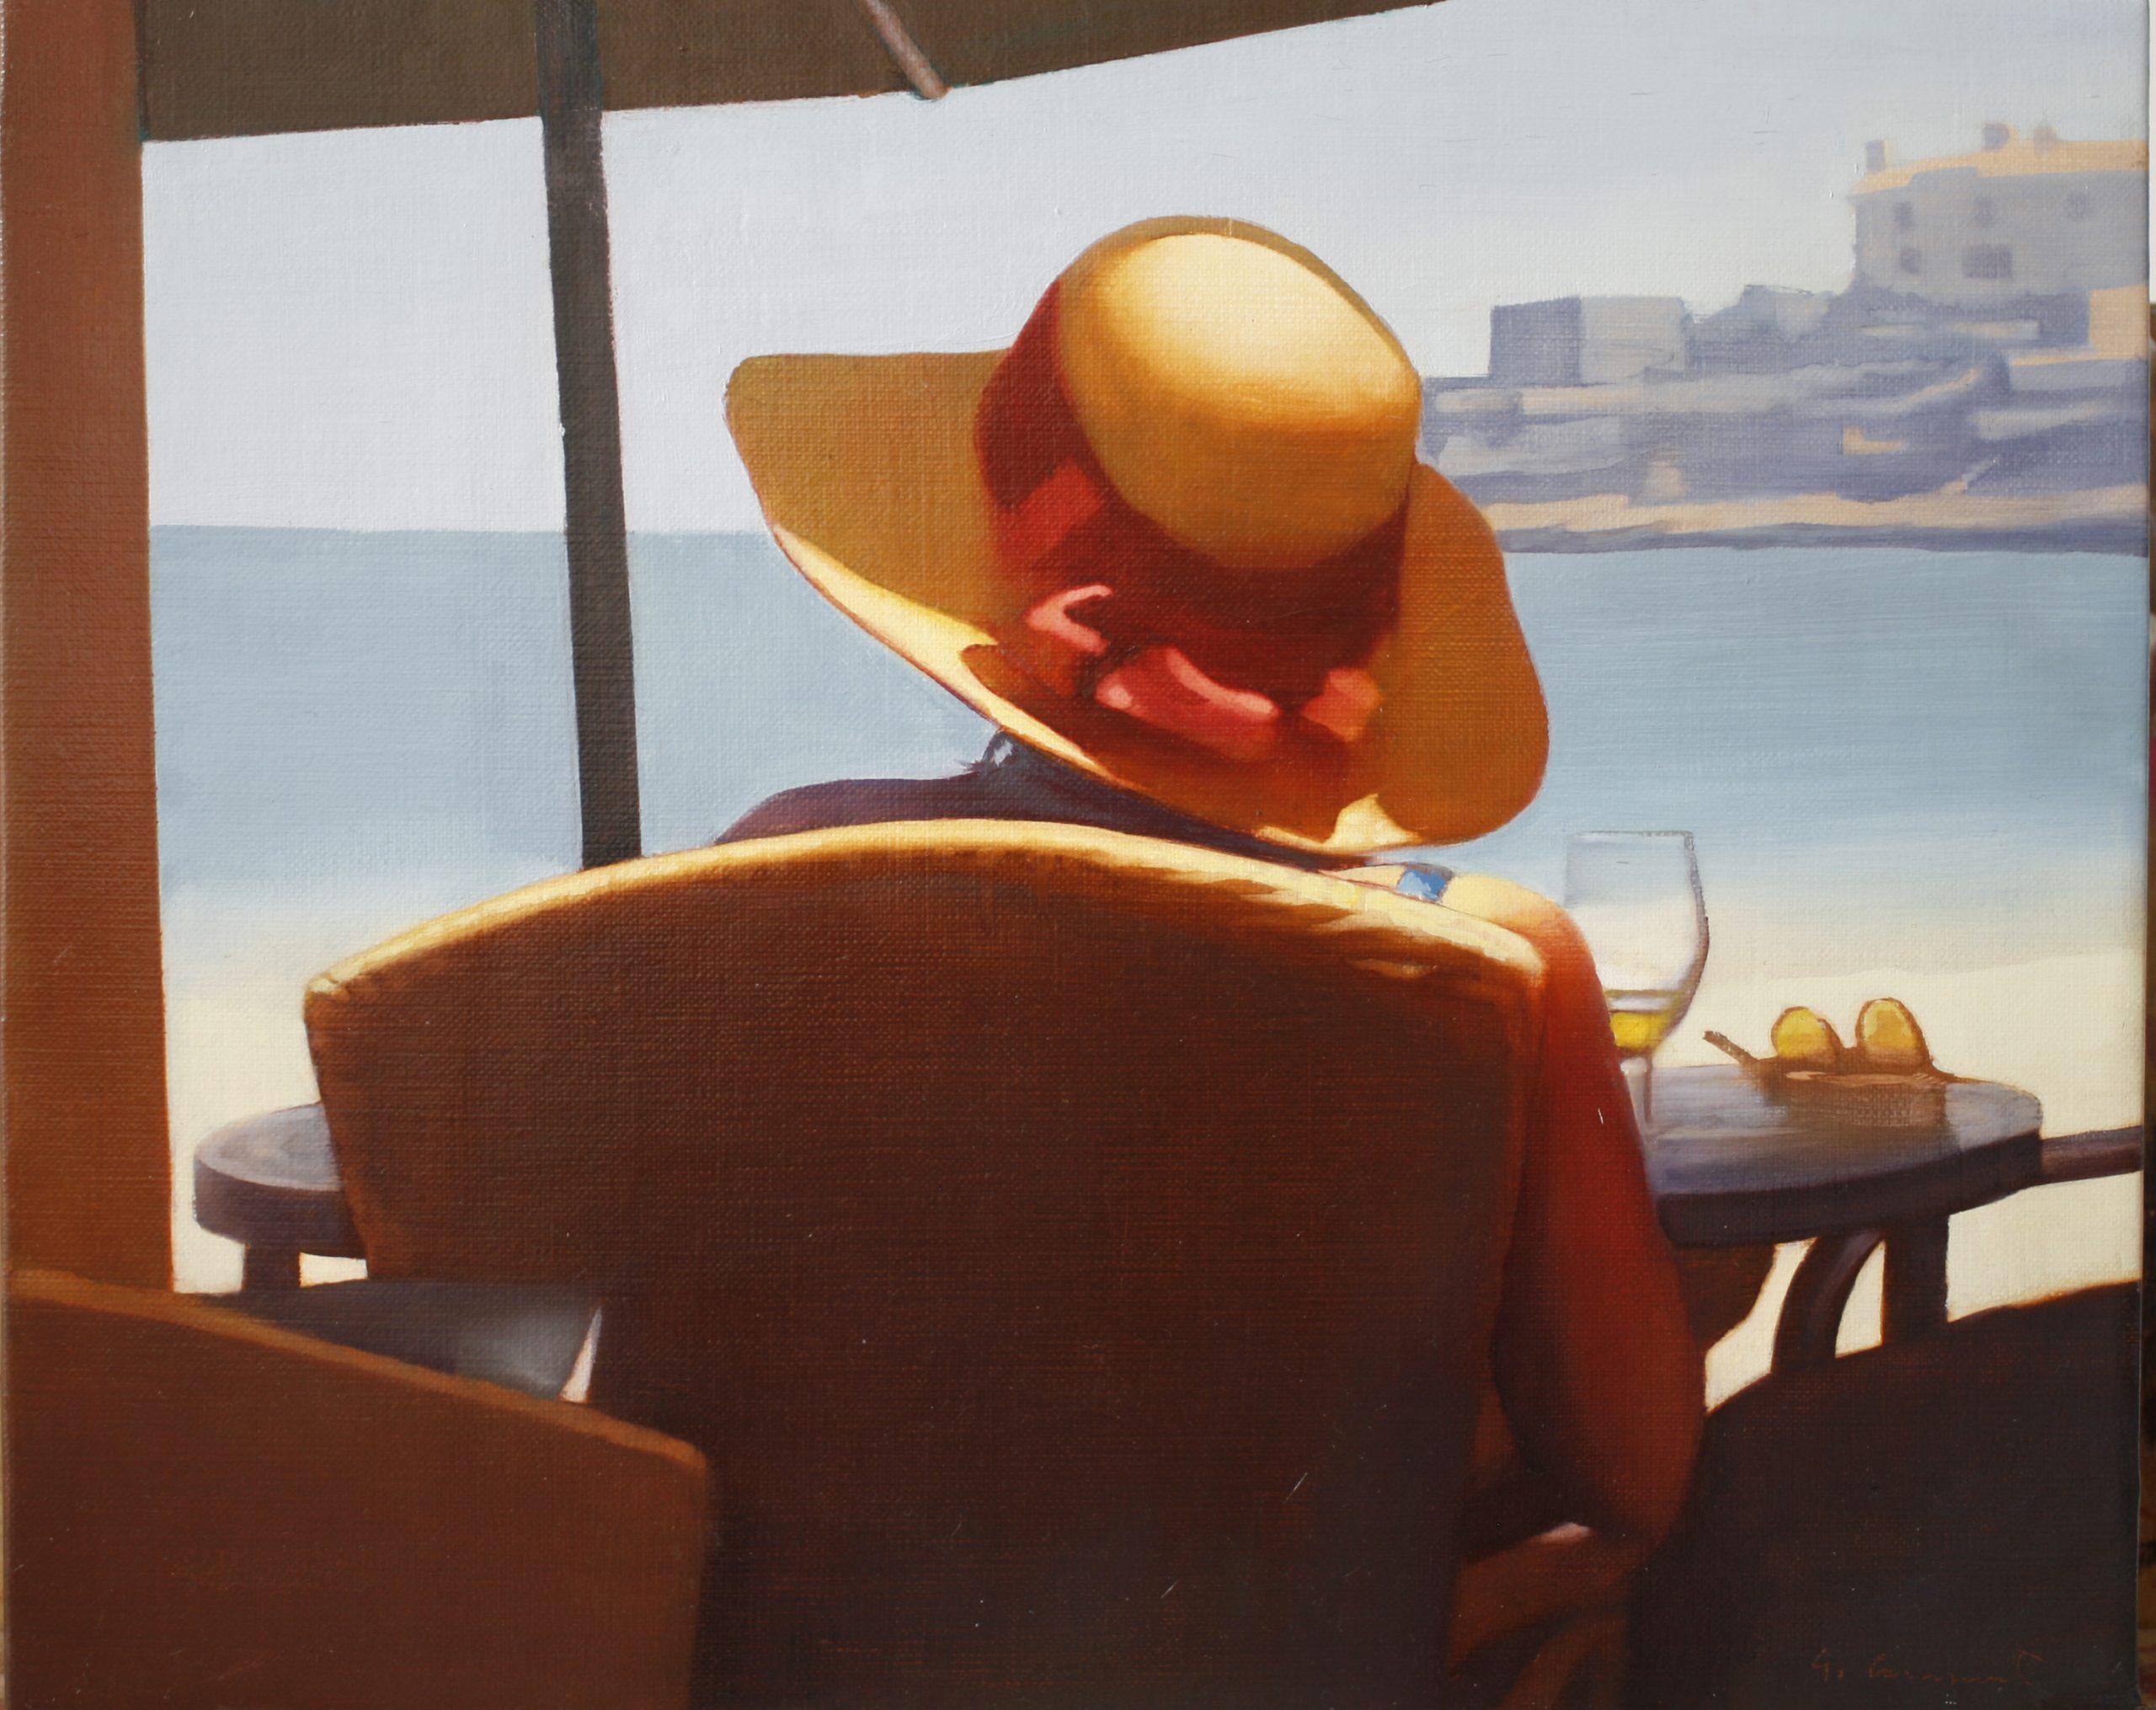 JMC55 José María Cuasante Sin título óleo sobre lienzo 33 x 41 cm 2019